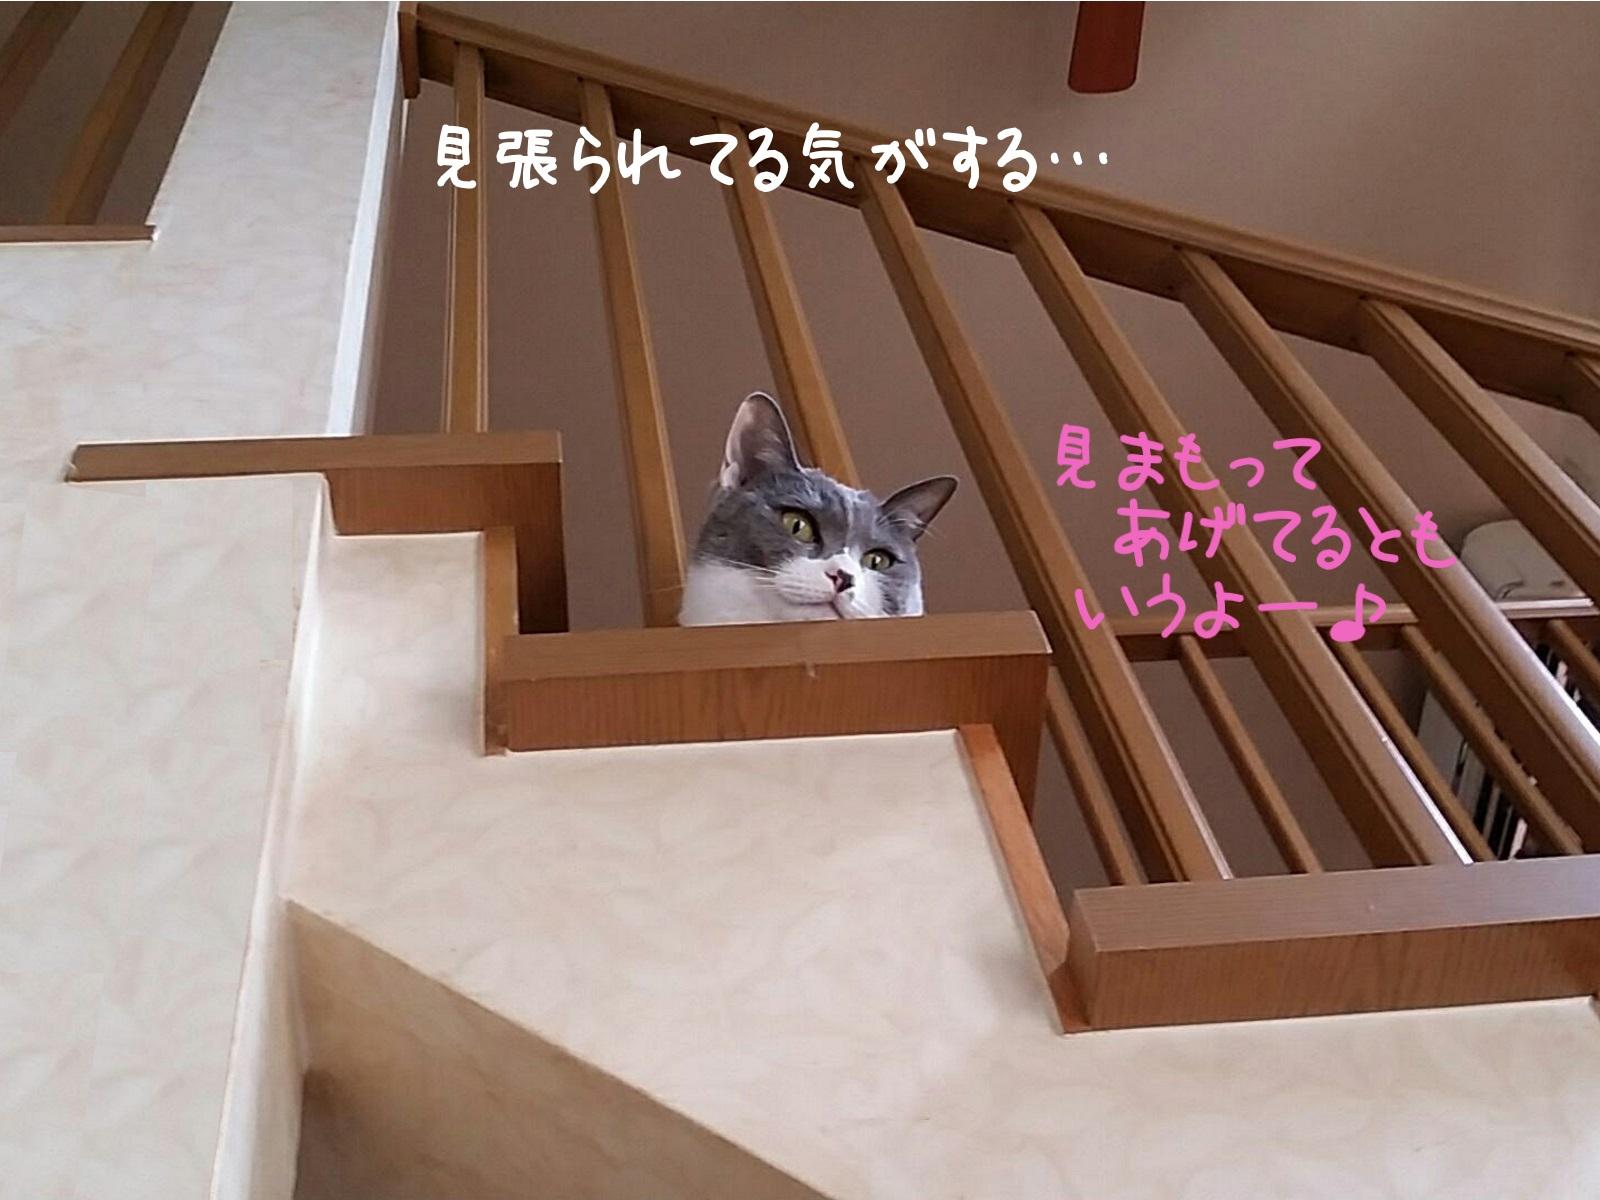 階段の上から見下ろしている猫の写真